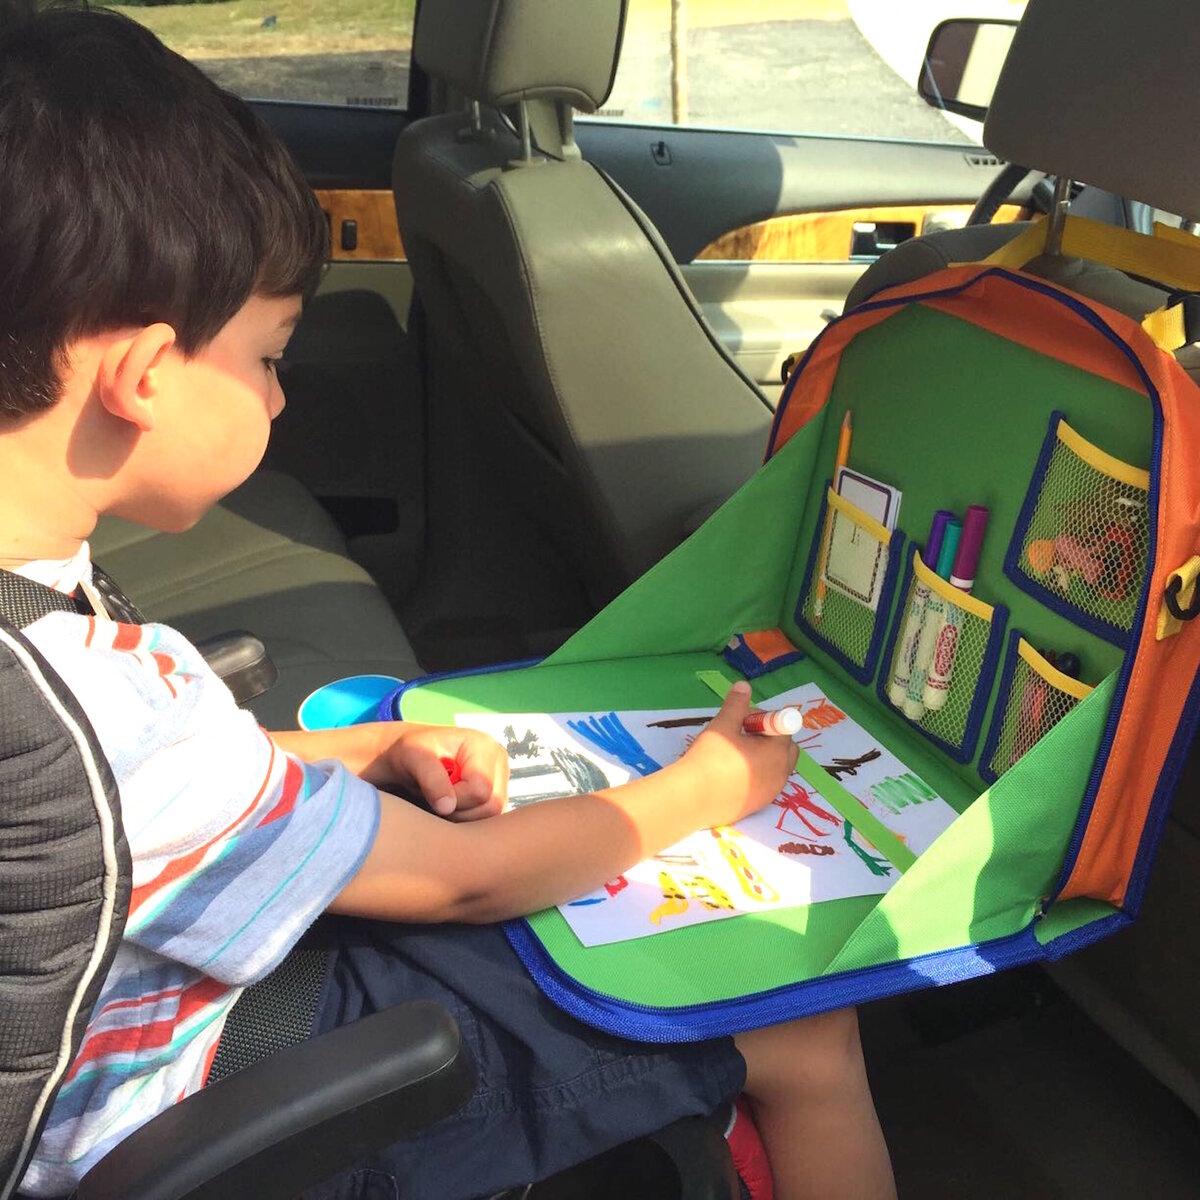 Как организовать детей в поезде, придумать им занятие, чем развлечь